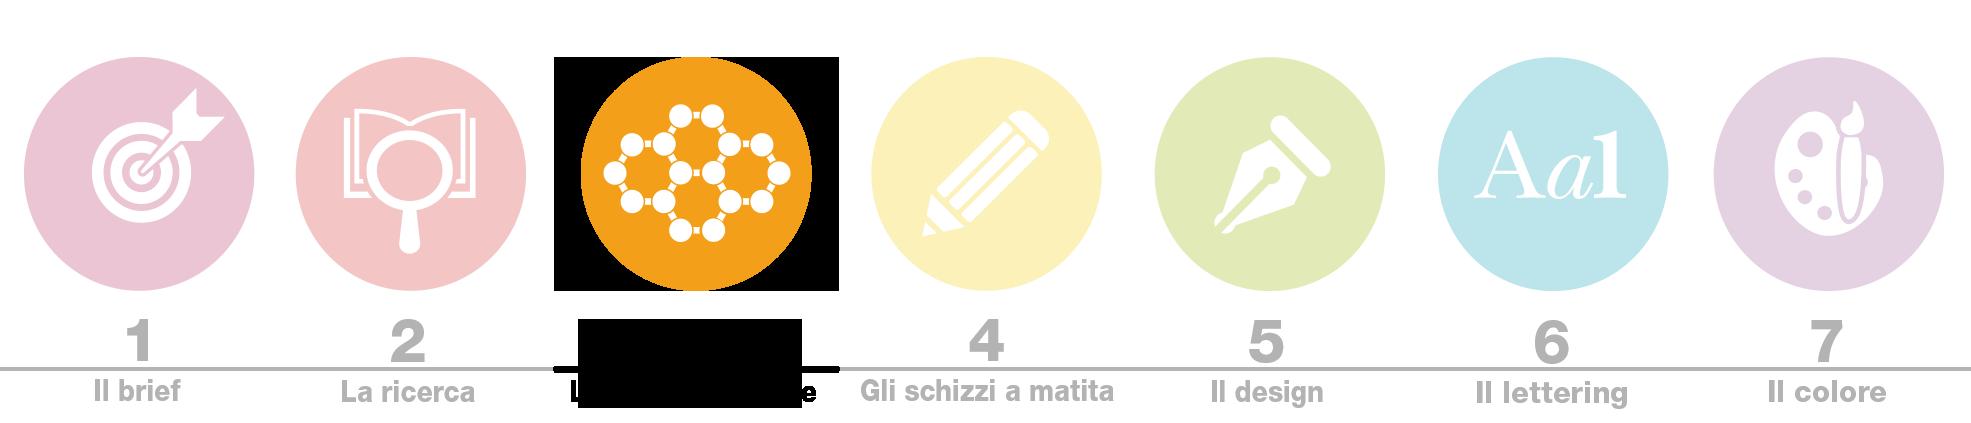 Biancolapis Design. Crea un logo brillante icone 3. Mappa mentale per creare un logo